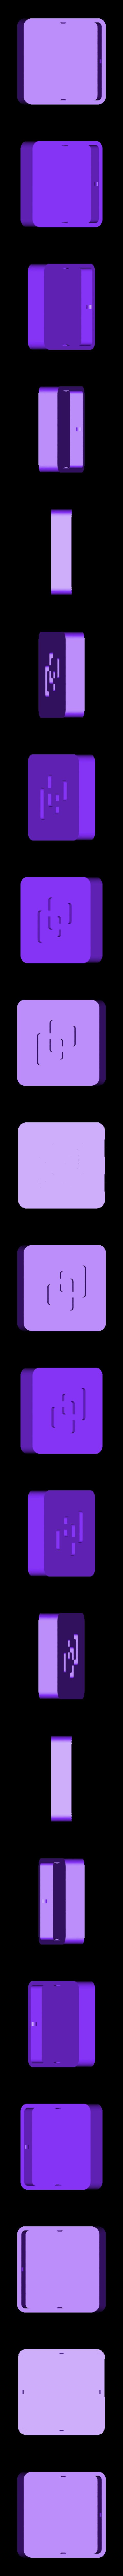 covers_squares.stl Télécharger fichier STL gratuit small boxes with coloured insert • Plan pour impression 3D, cyrus